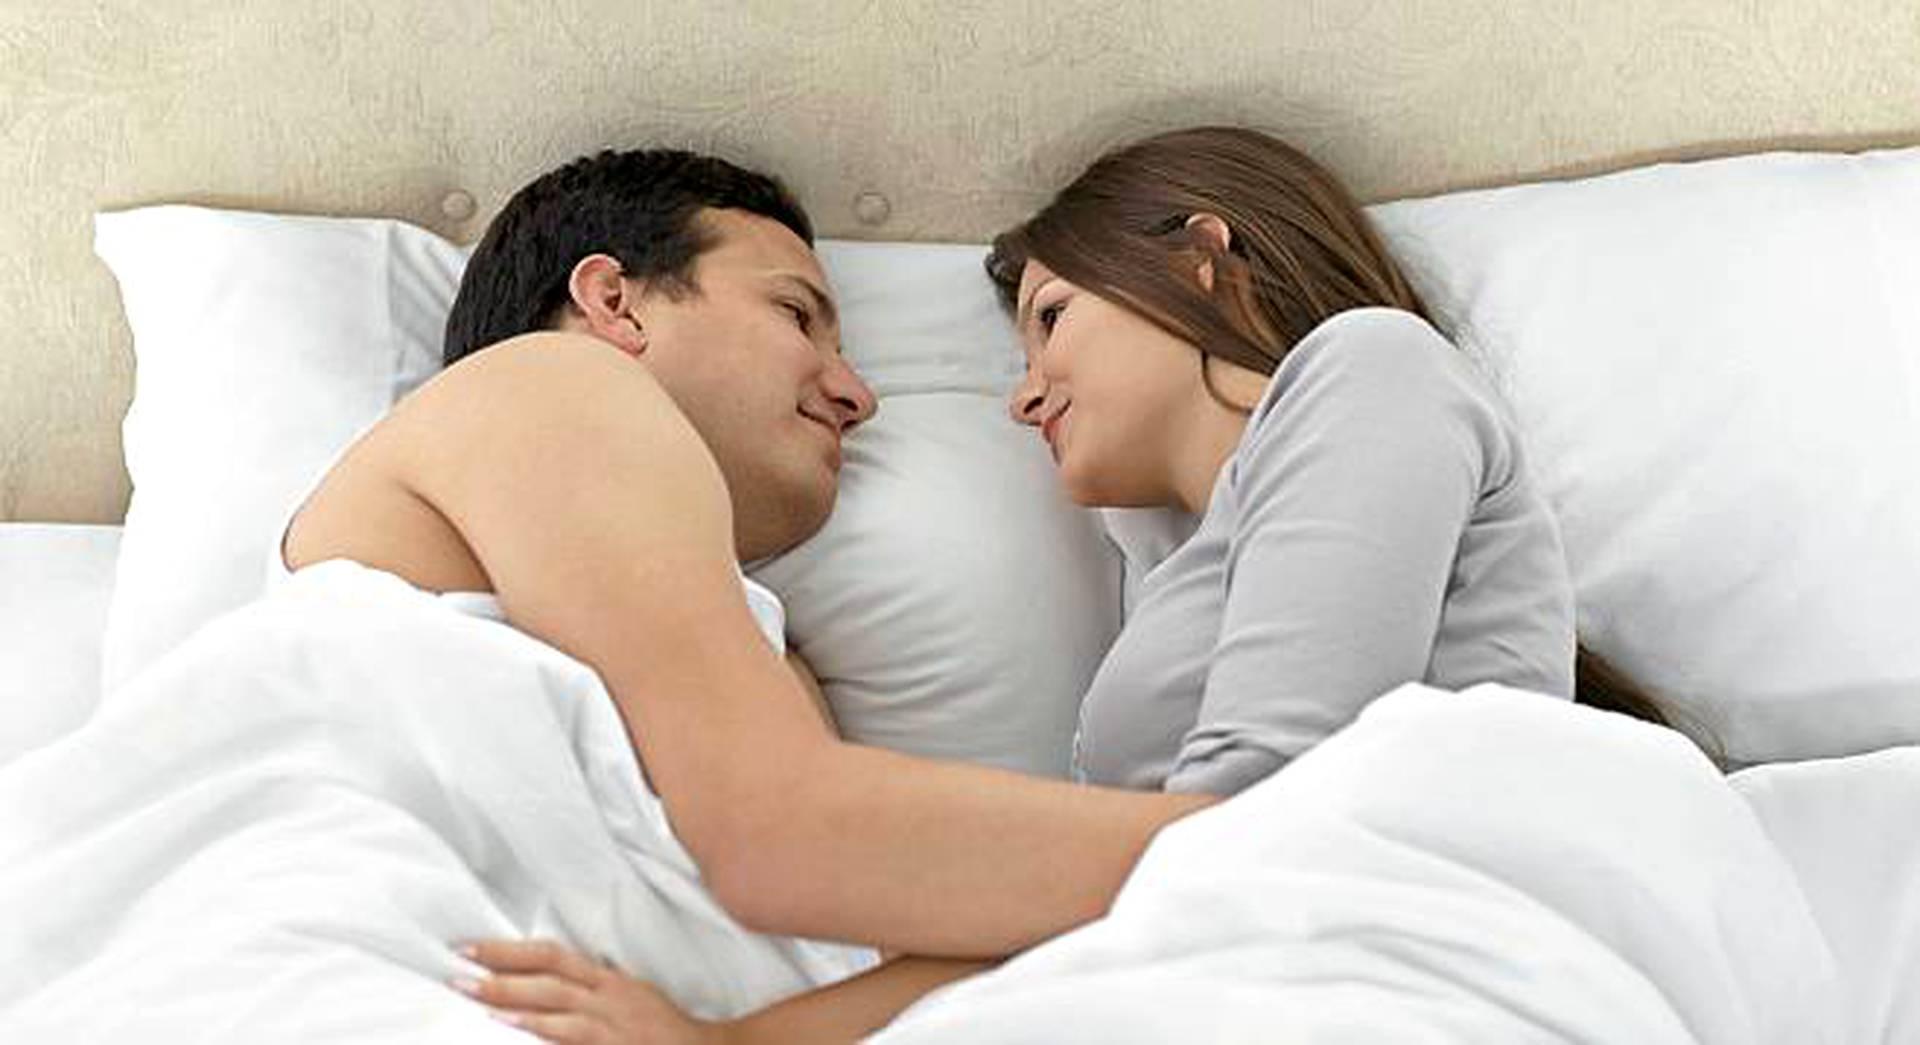 Miten käsitellä dating vanhempi kaveri